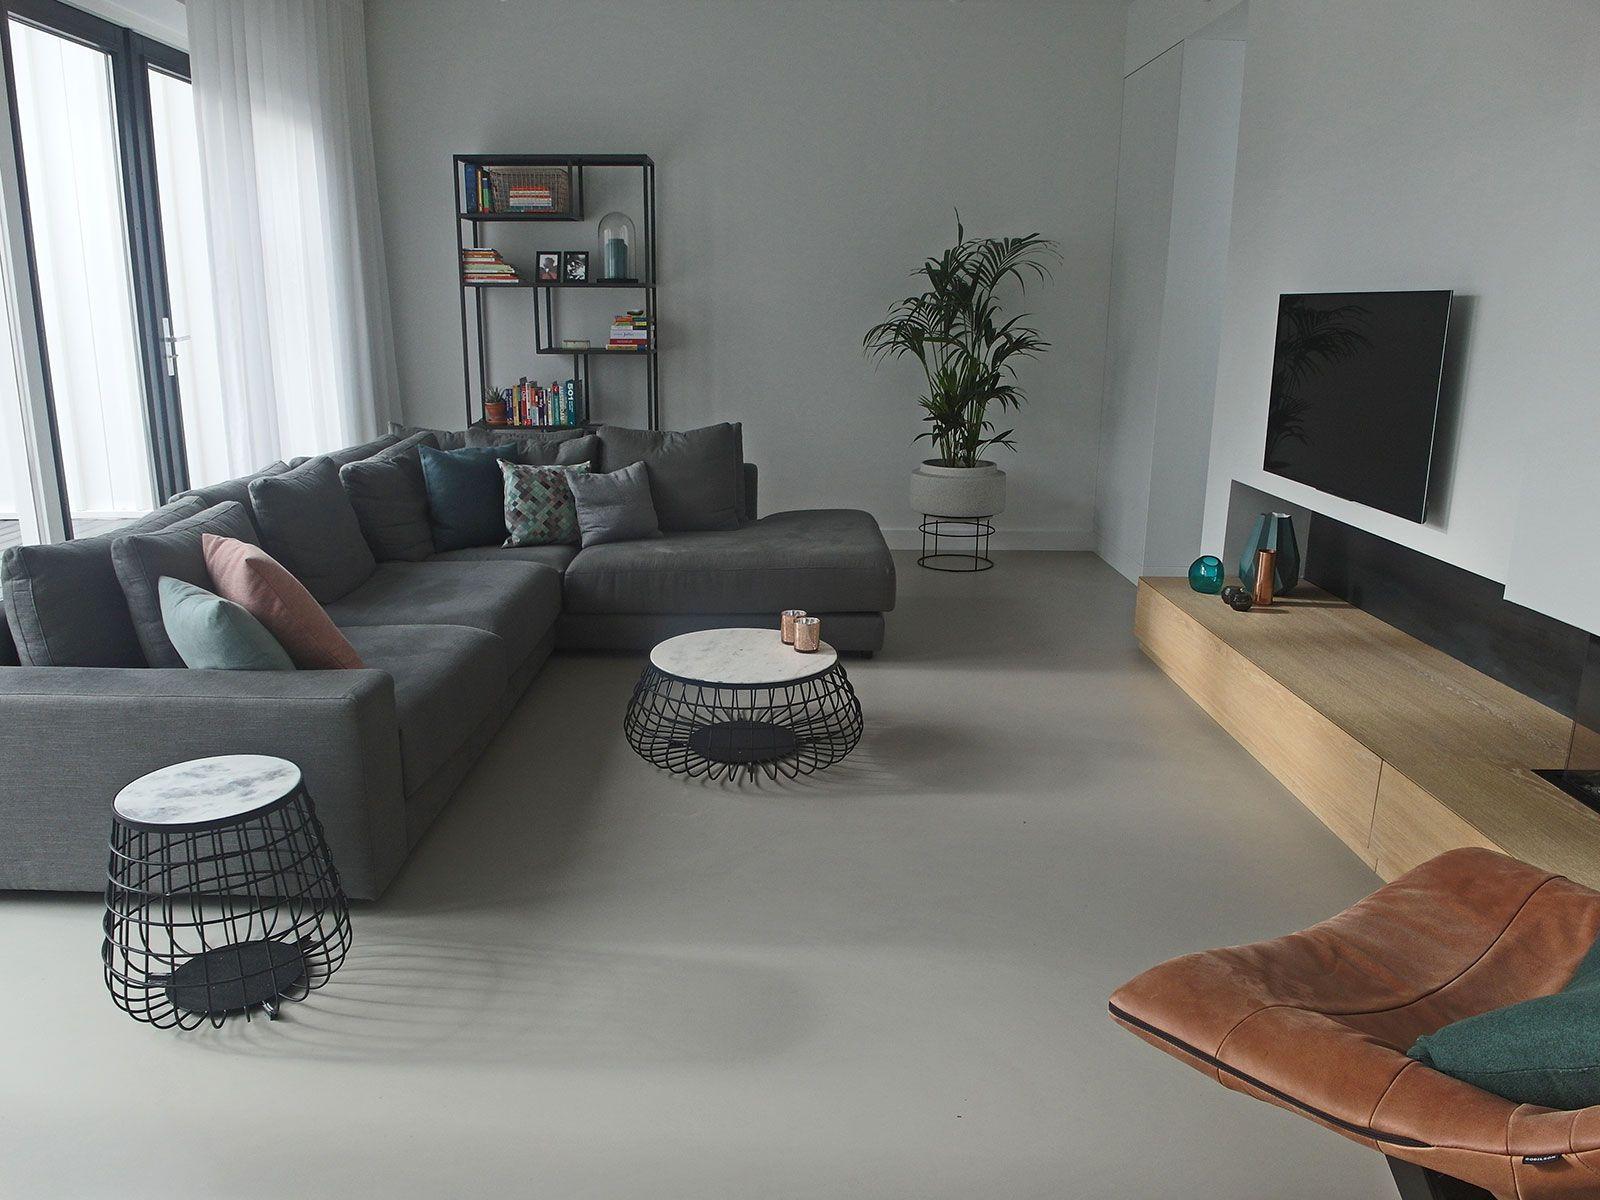 Gietvloer woonkamer amsterdam vloeren pinterest for Grijze woonkamer